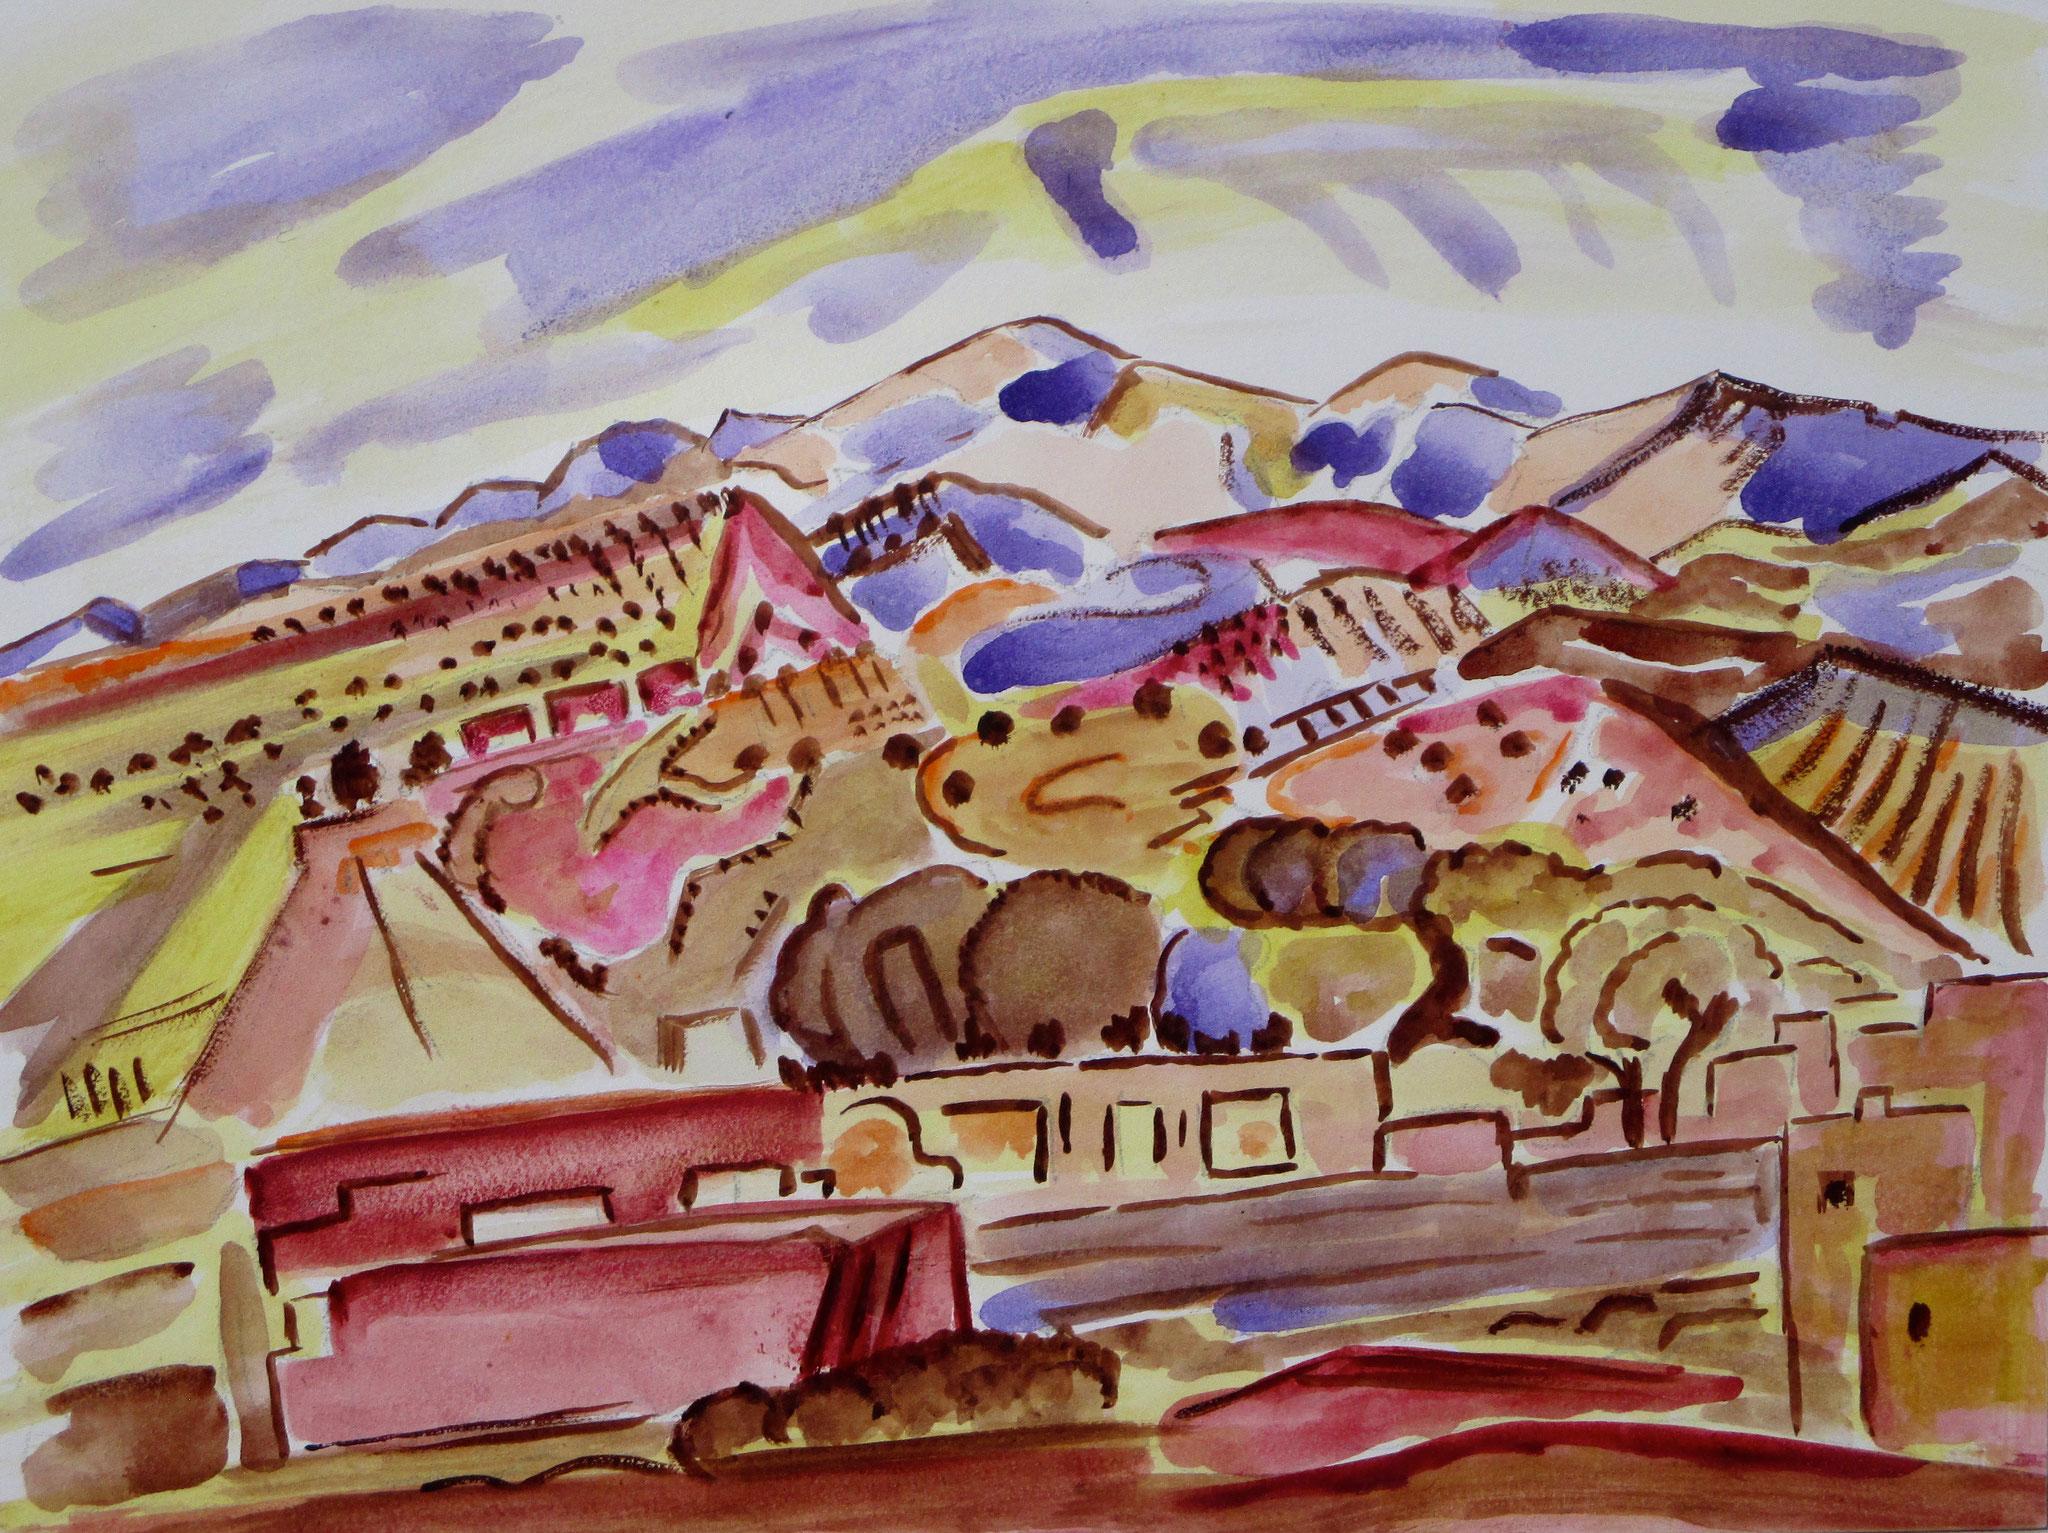 Lavender Skies, watercolor on board, 12 x 9, 2016